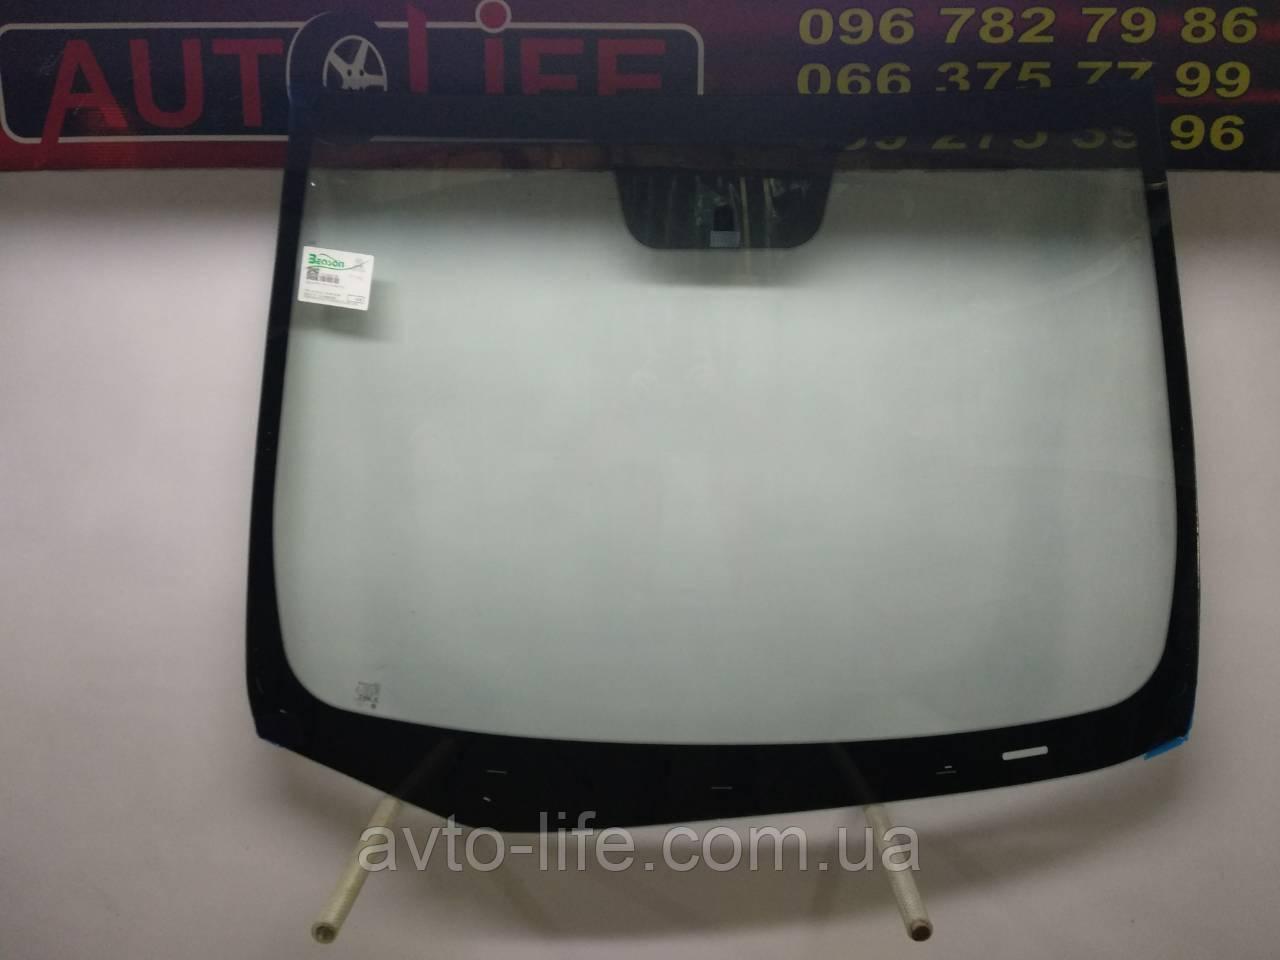 Лобовое стекло HYUNDAI I30 (Хетчбек) (2012 г. - ) крепление зеркала в капсуле | Автостекло Хюндай і30